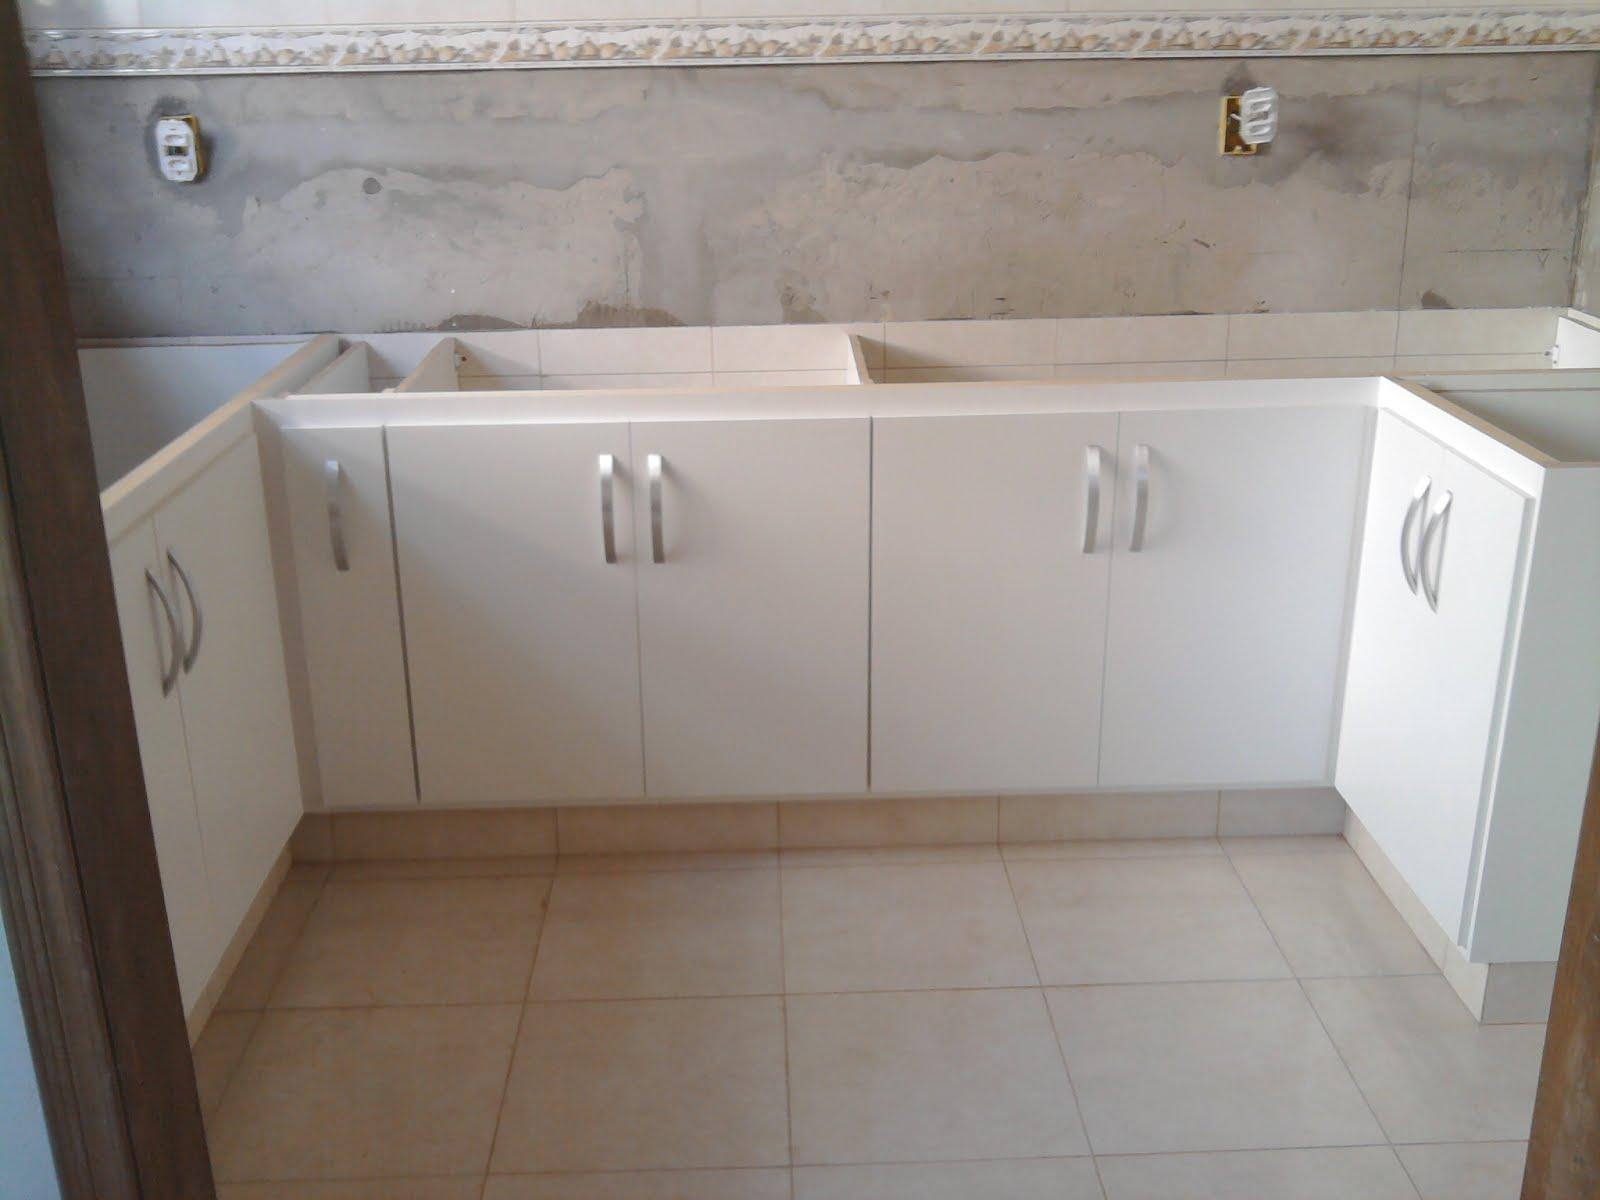 Marcenaria EM CONSTRUÇÂO!!!!!: Este é um gabinete de cozinha  #634D39 1600 1200